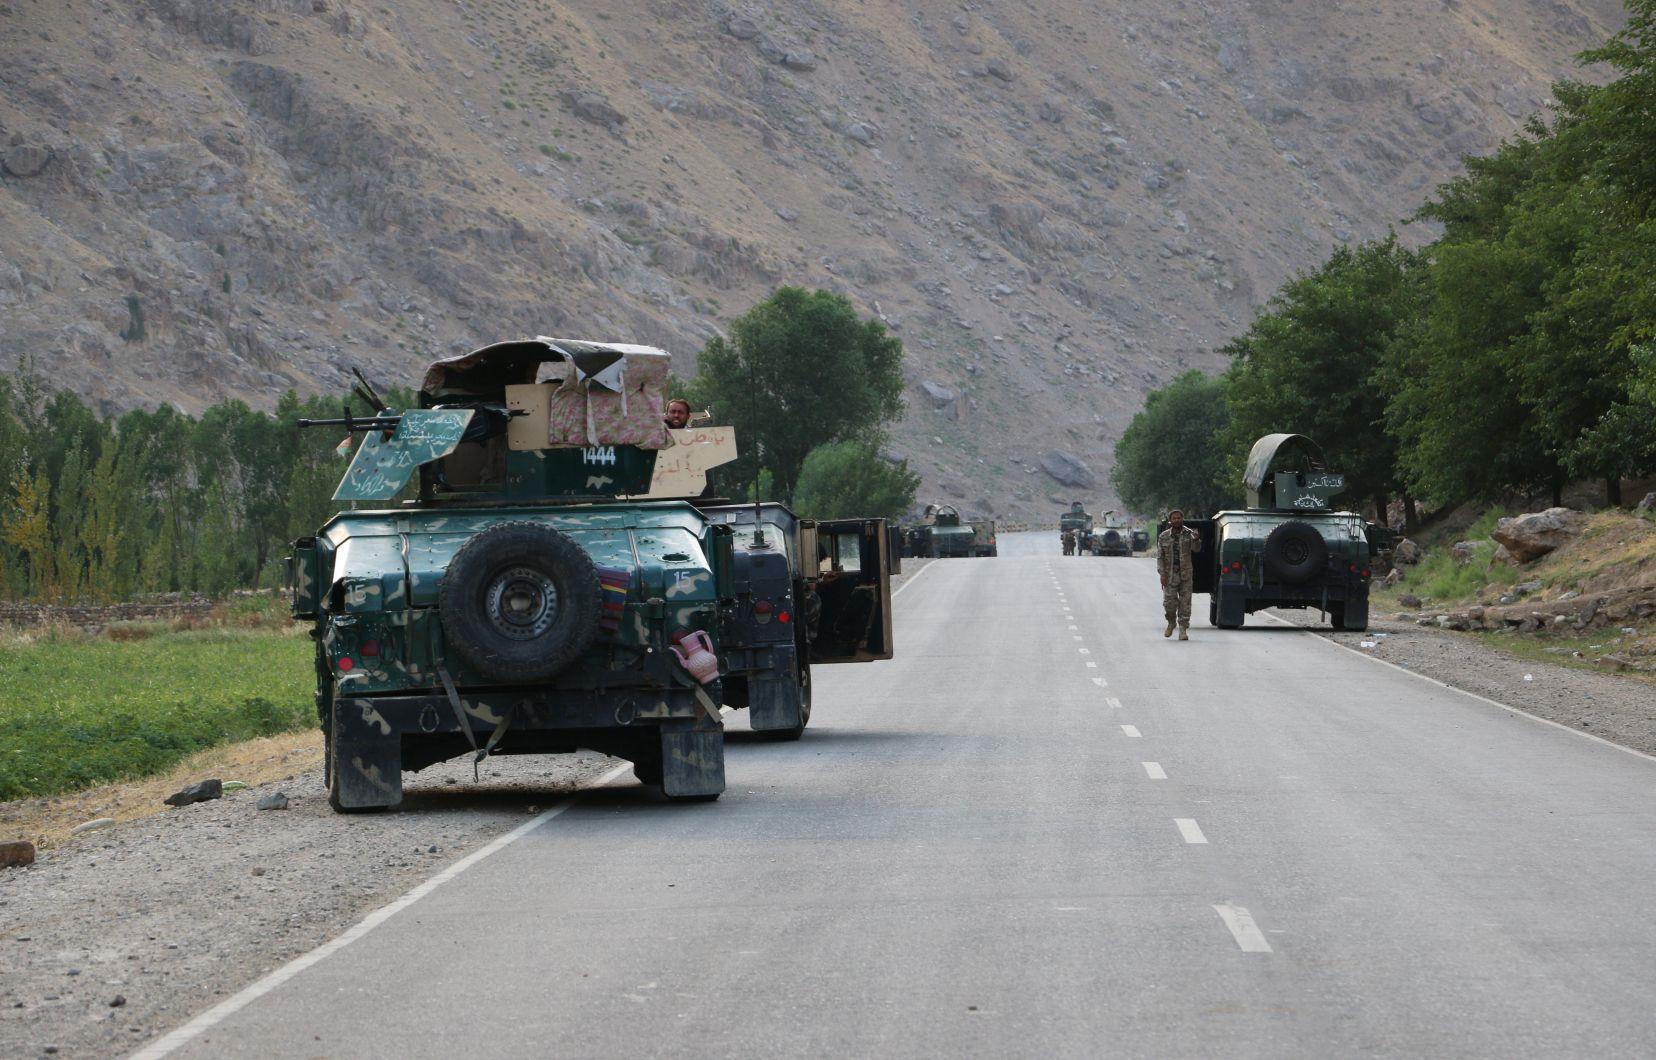 Le Tadjikistan met son armée en état d'alerte face à l'avancée talibane en Afghanistan